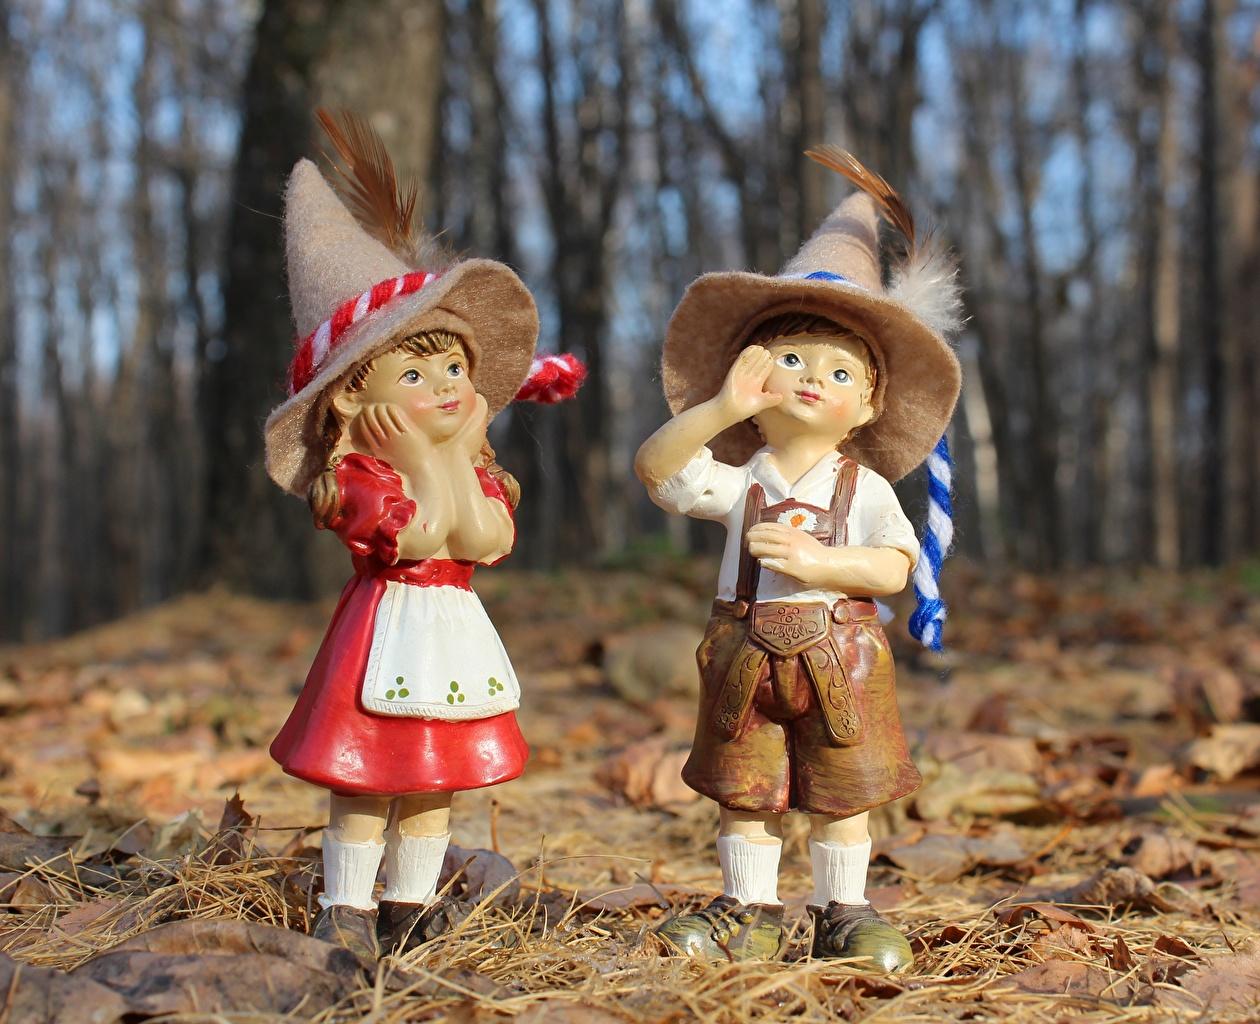 Фотография Девочки мальчишки лист Кукла две Шляпа осенние Перья девочка мальчик Мальчики мальчишка Листья Листва куклы 2 два Двое шляпы Осень шляпе вдвоем